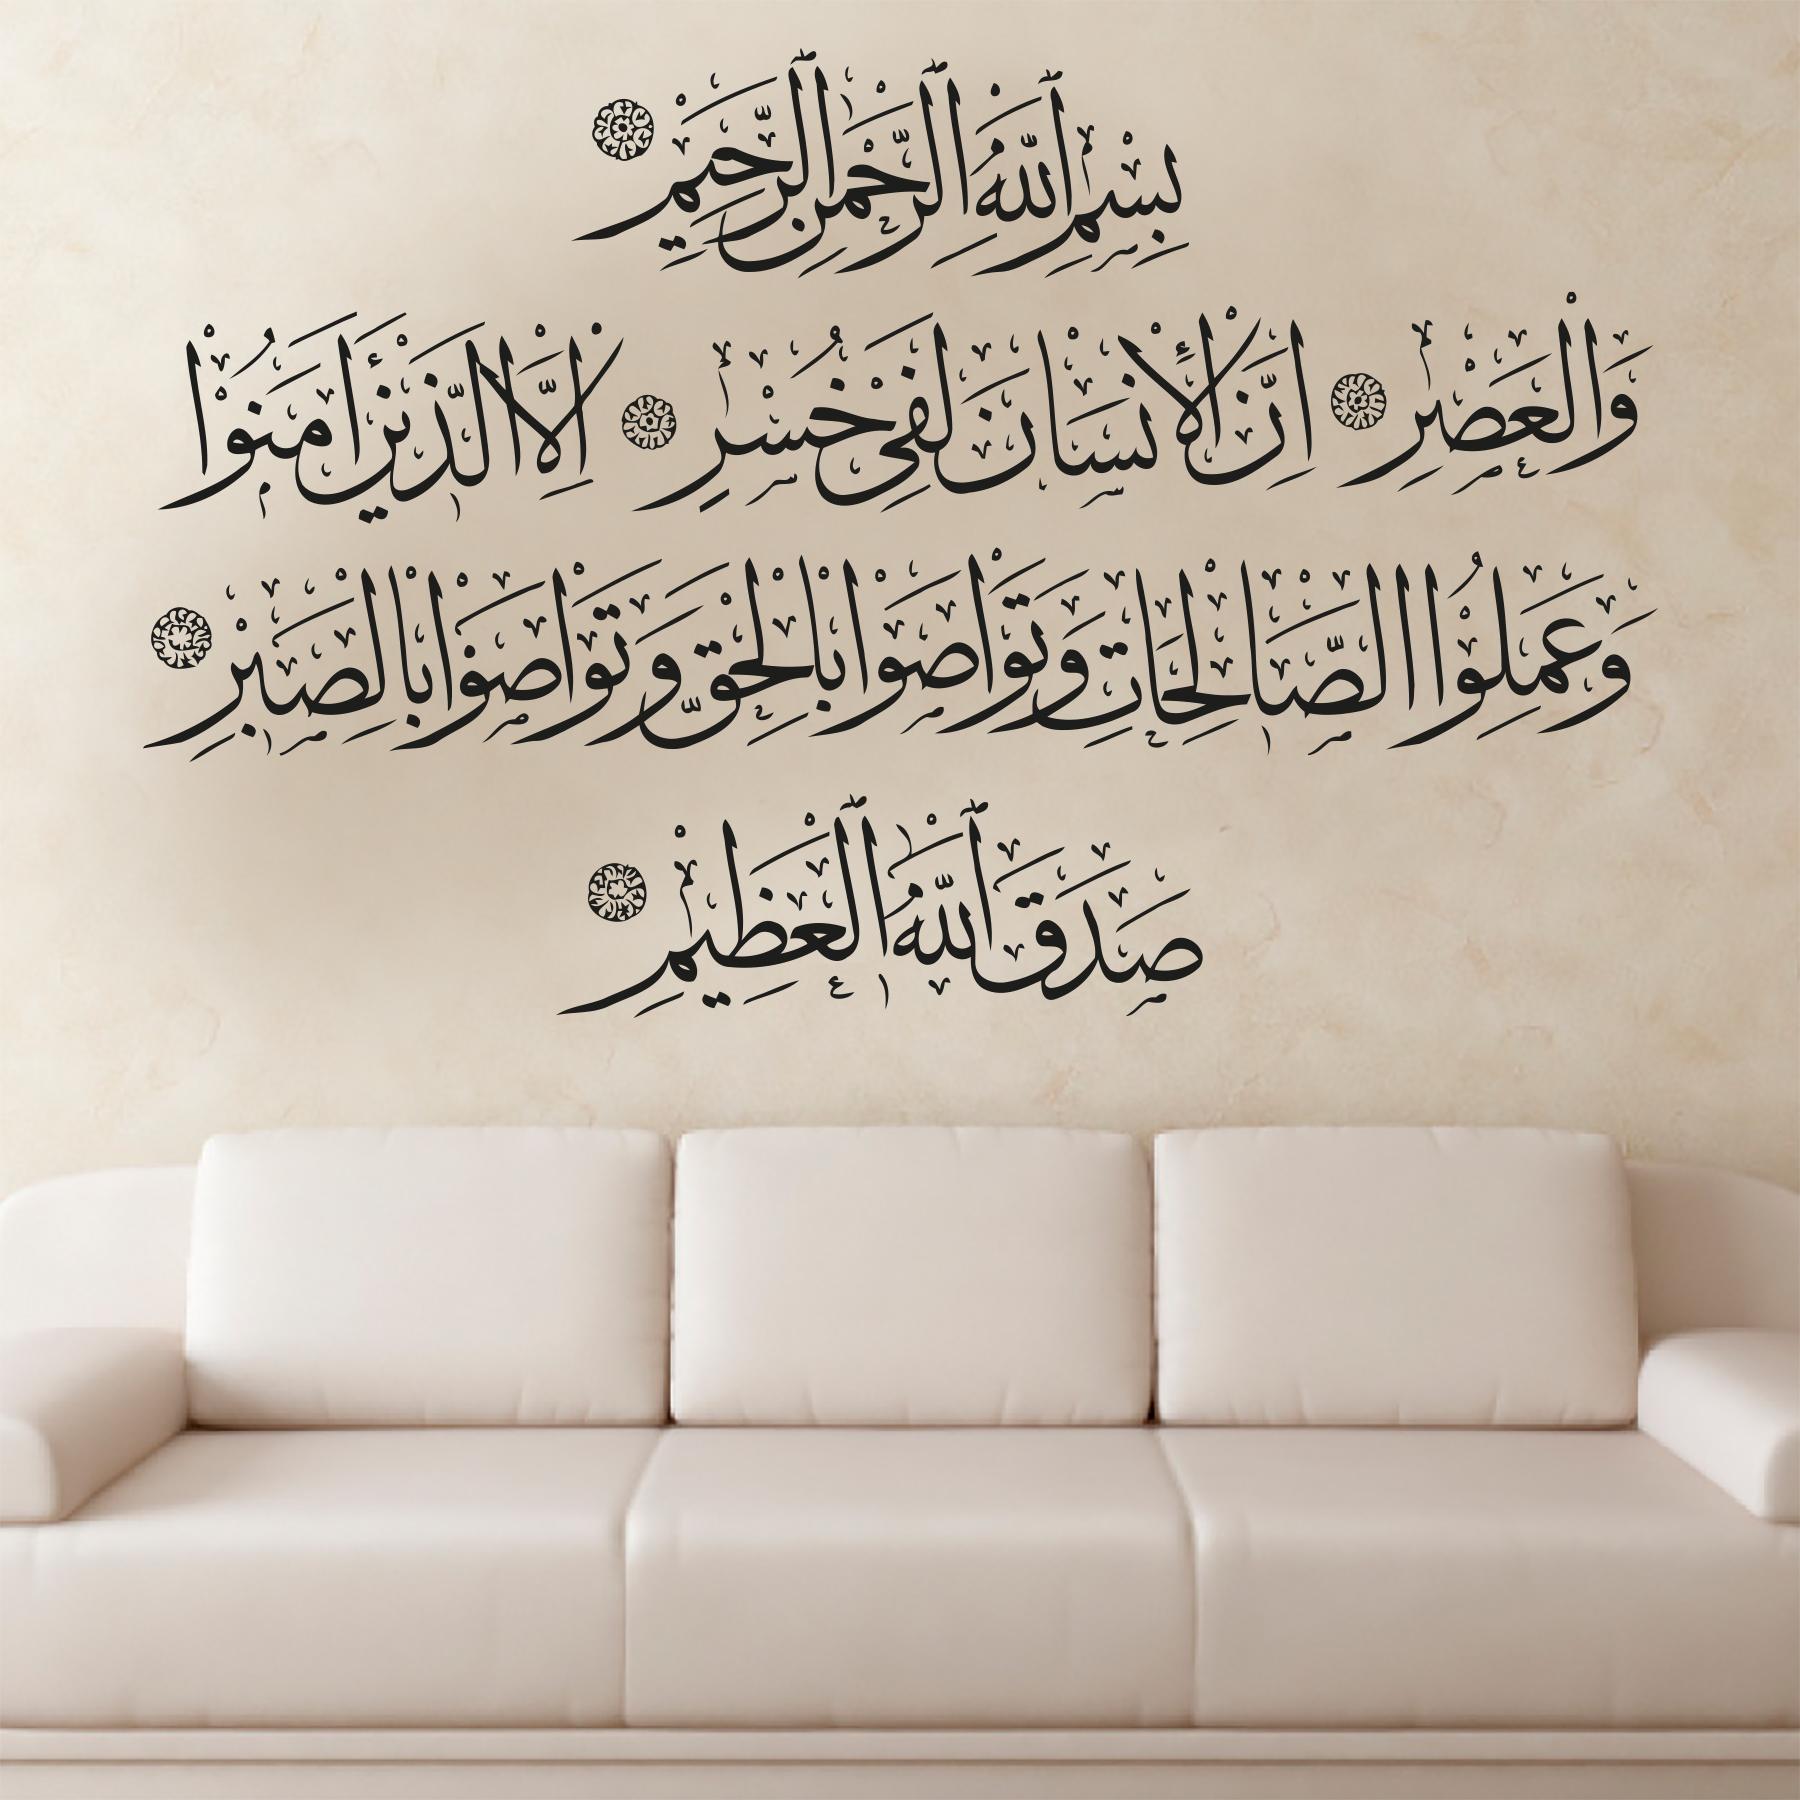 bismillahirrahmanirrahim arabische schrift herzform wandtattoo wandtattoo isla ebay. Black Bedroom Furniture Sets. Home Design Ideas